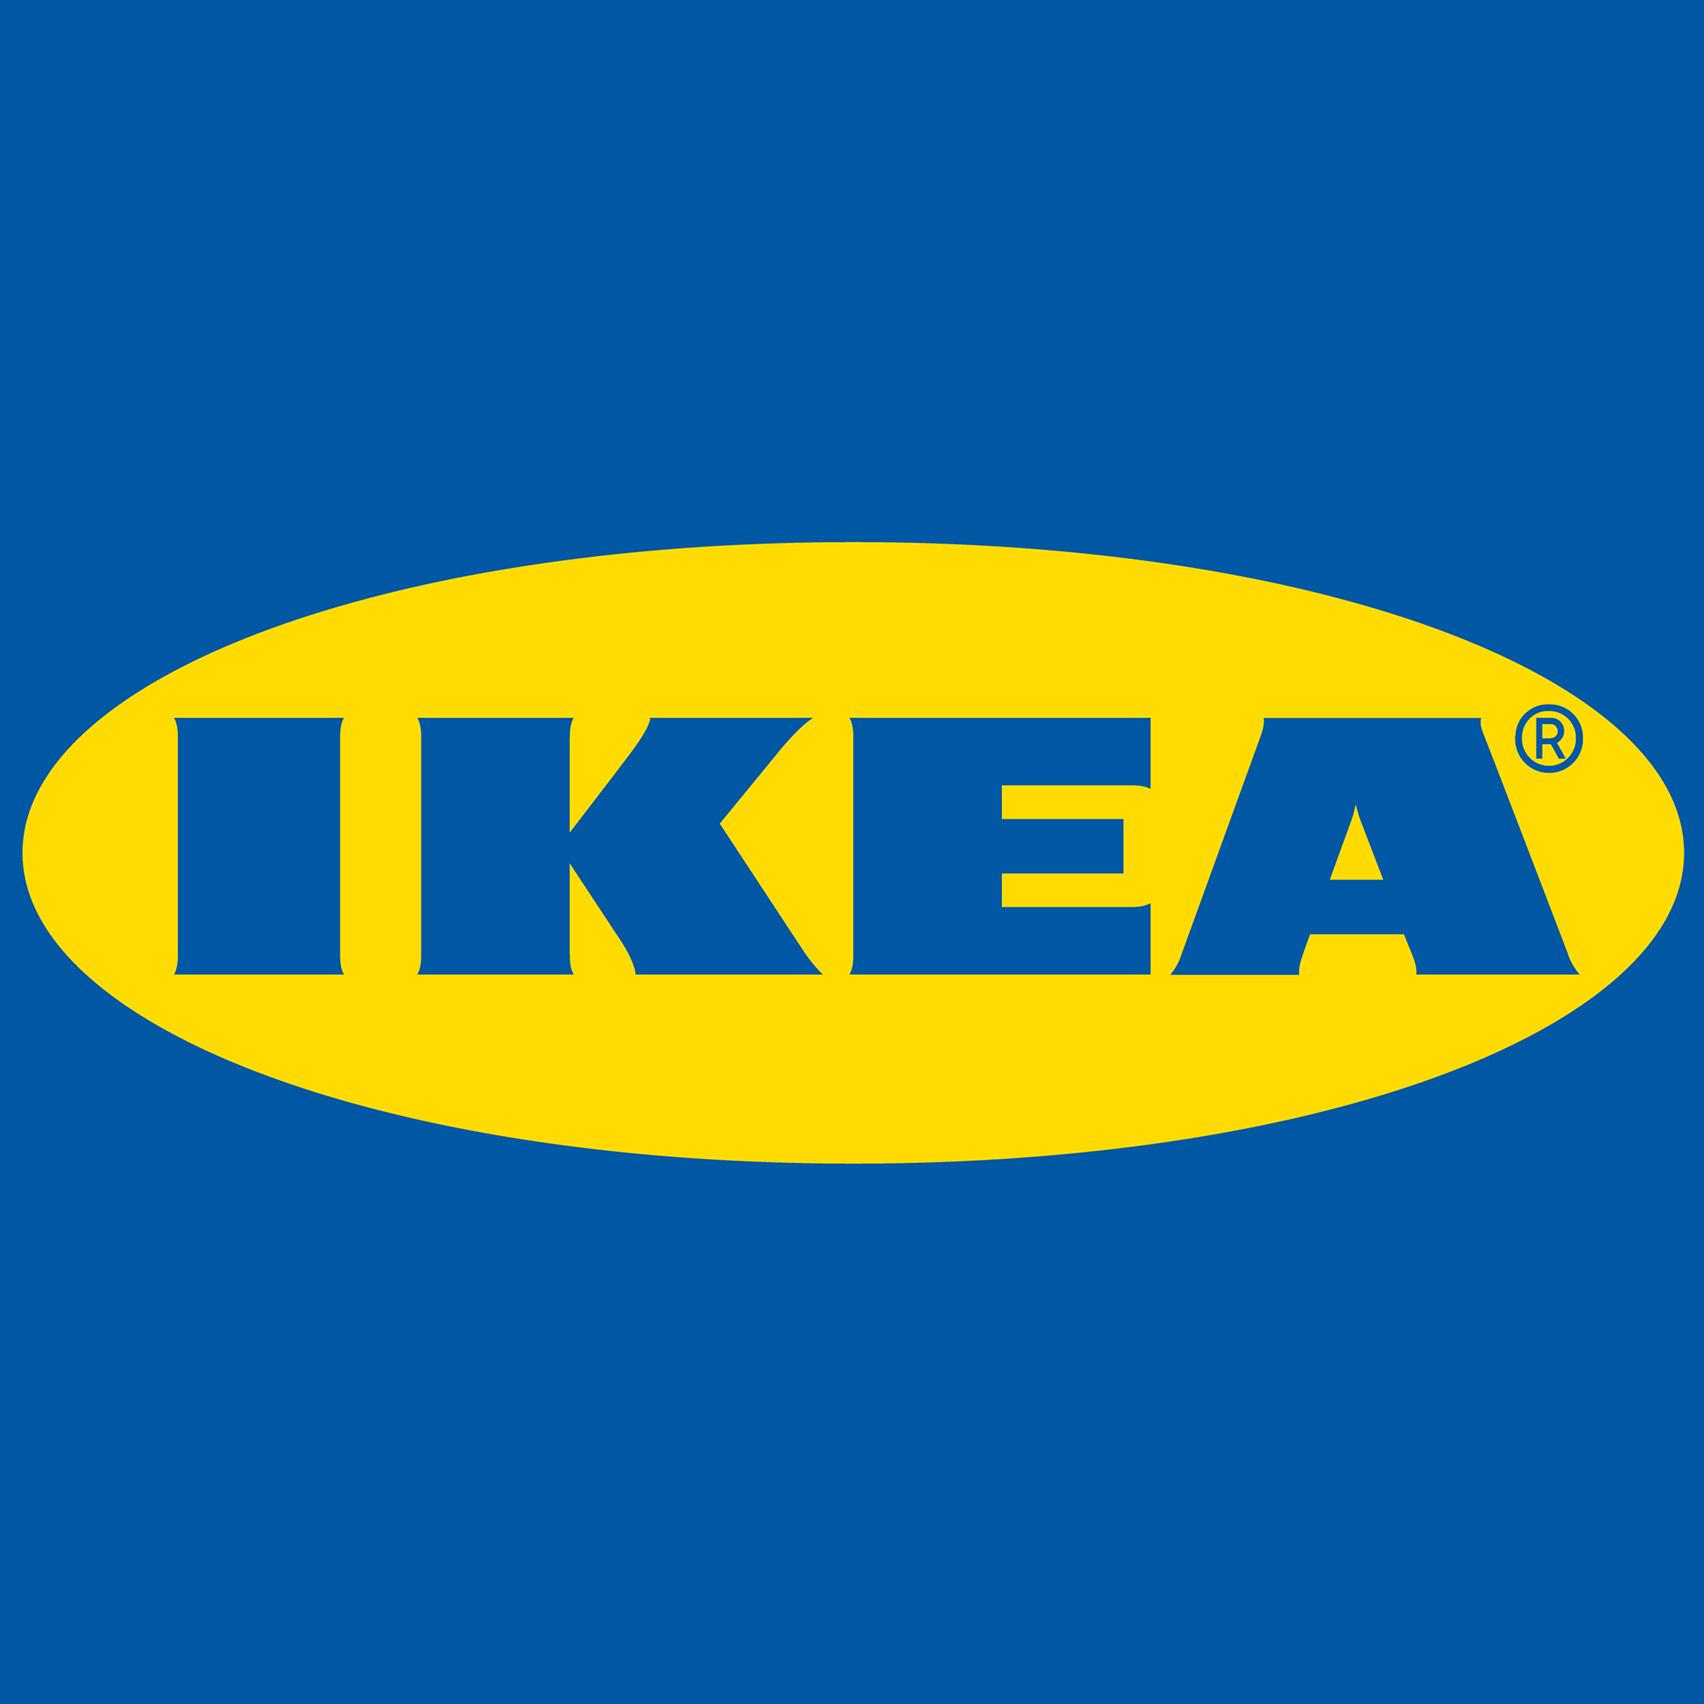 (Info) Gratis Click & Collect bei Ikea